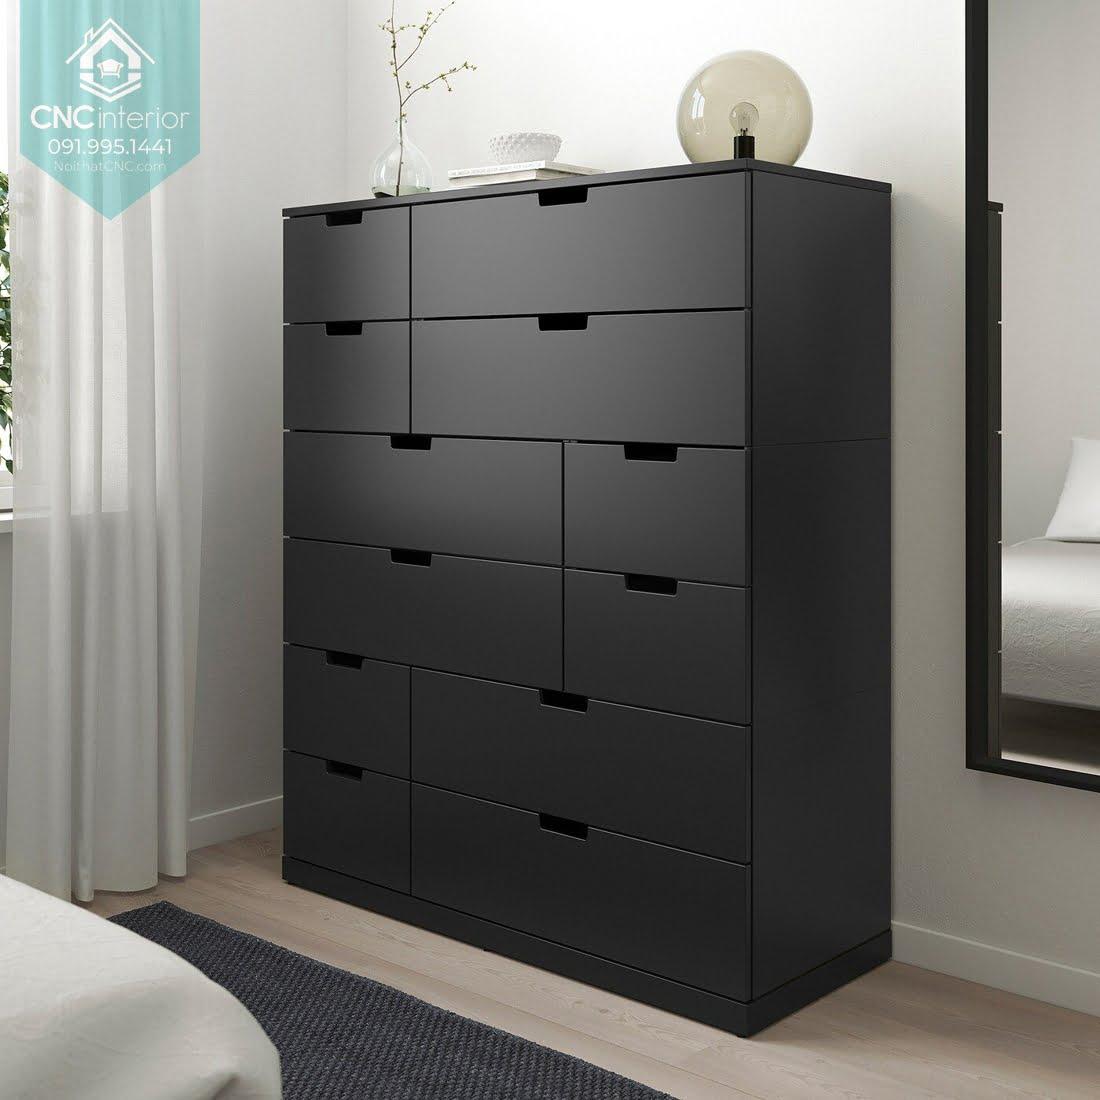 Tủ ngăn kéo gỗ đựng quần áo 13